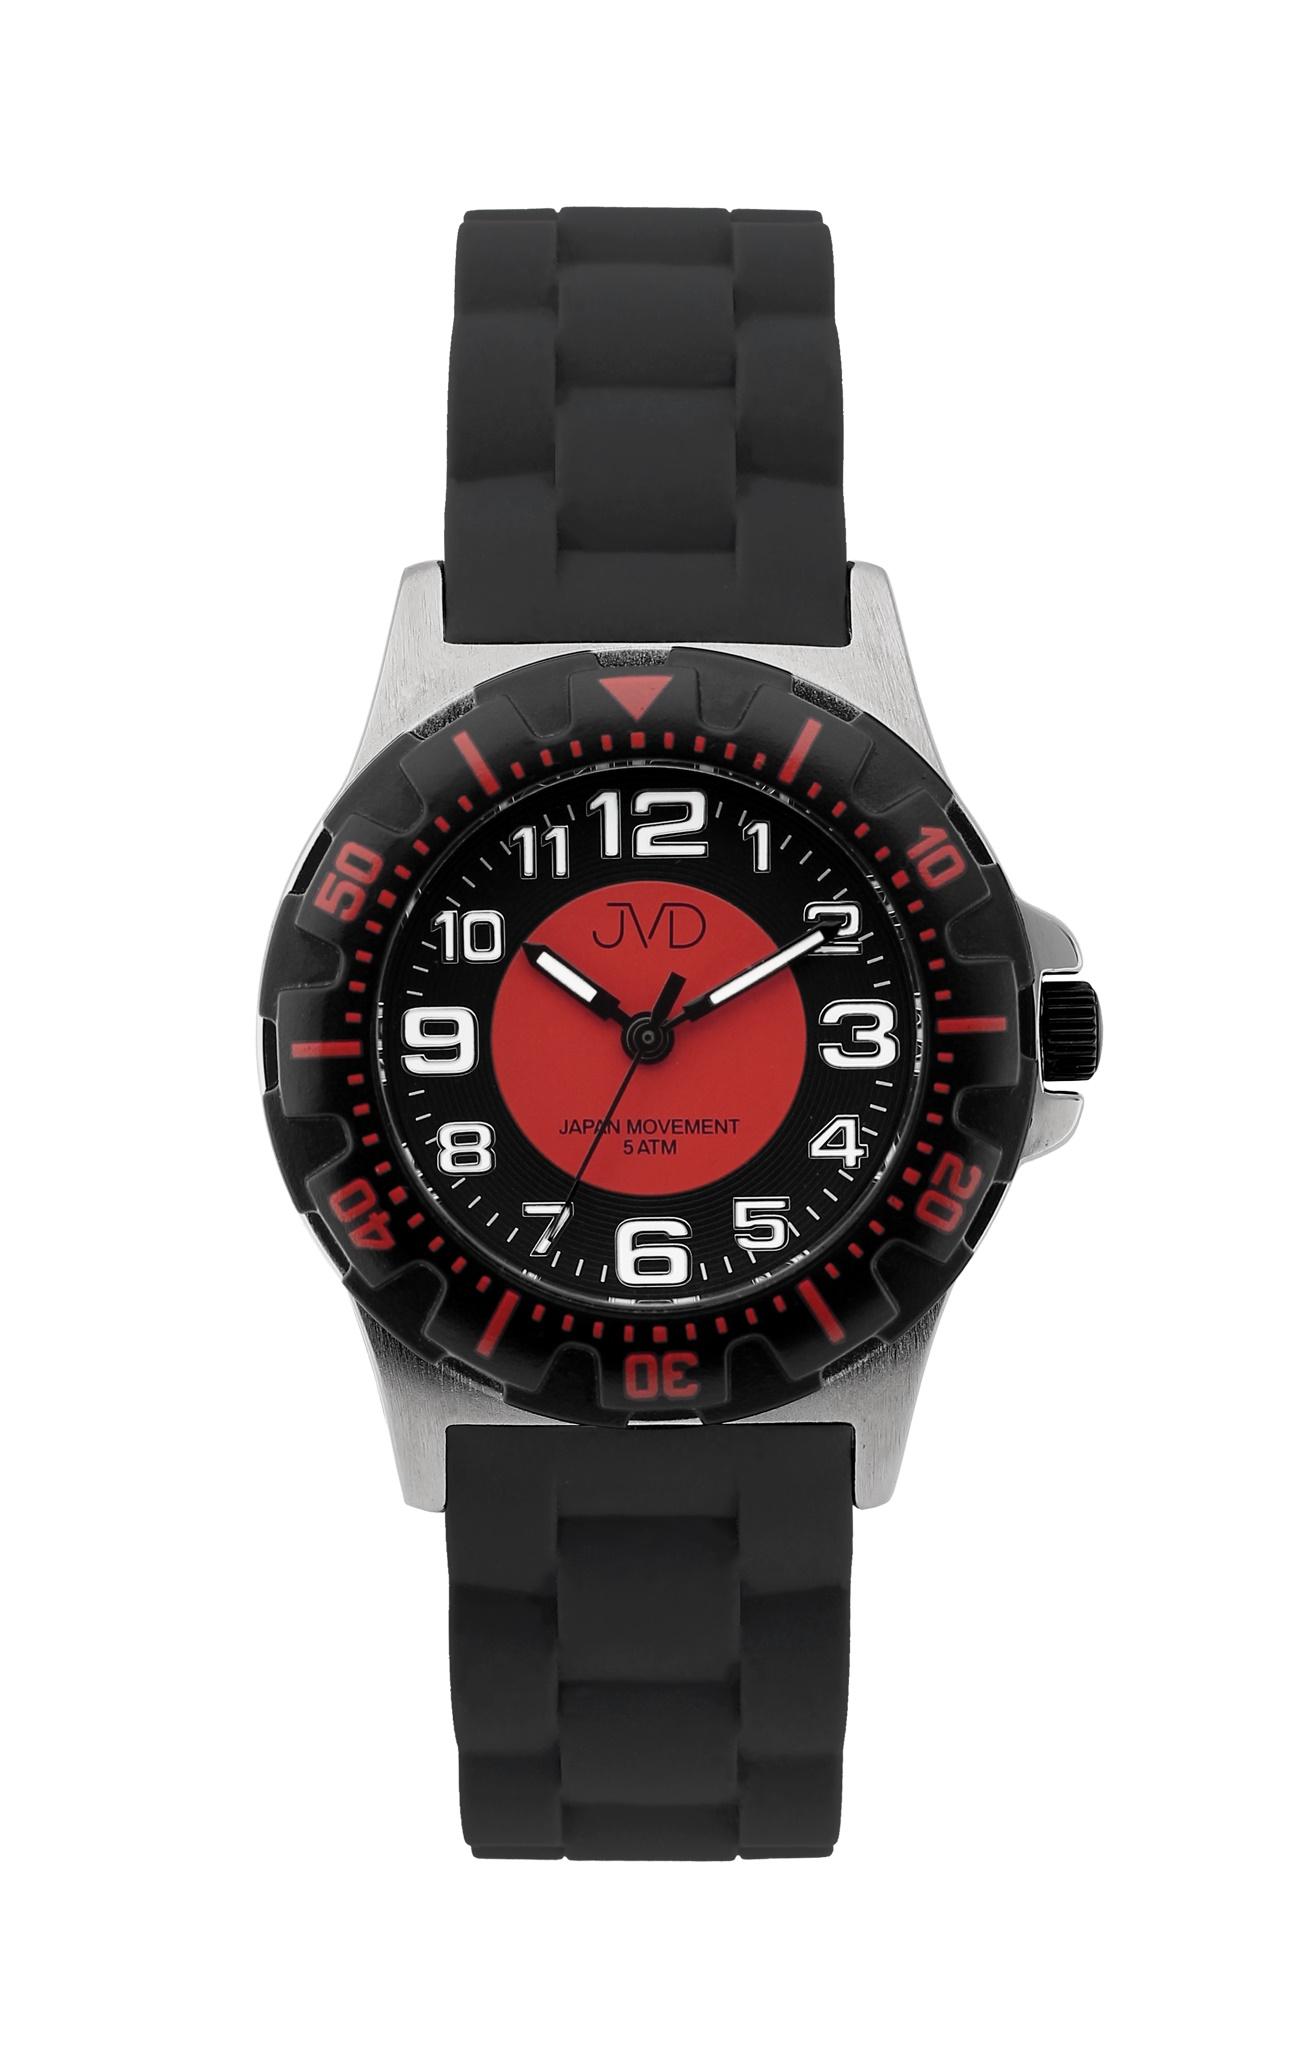 Chlapecké dětské vodotěsné sportovní hodinky JVD J7168.6 - 5ATM (červené chlapecké voděodolné hodinky)